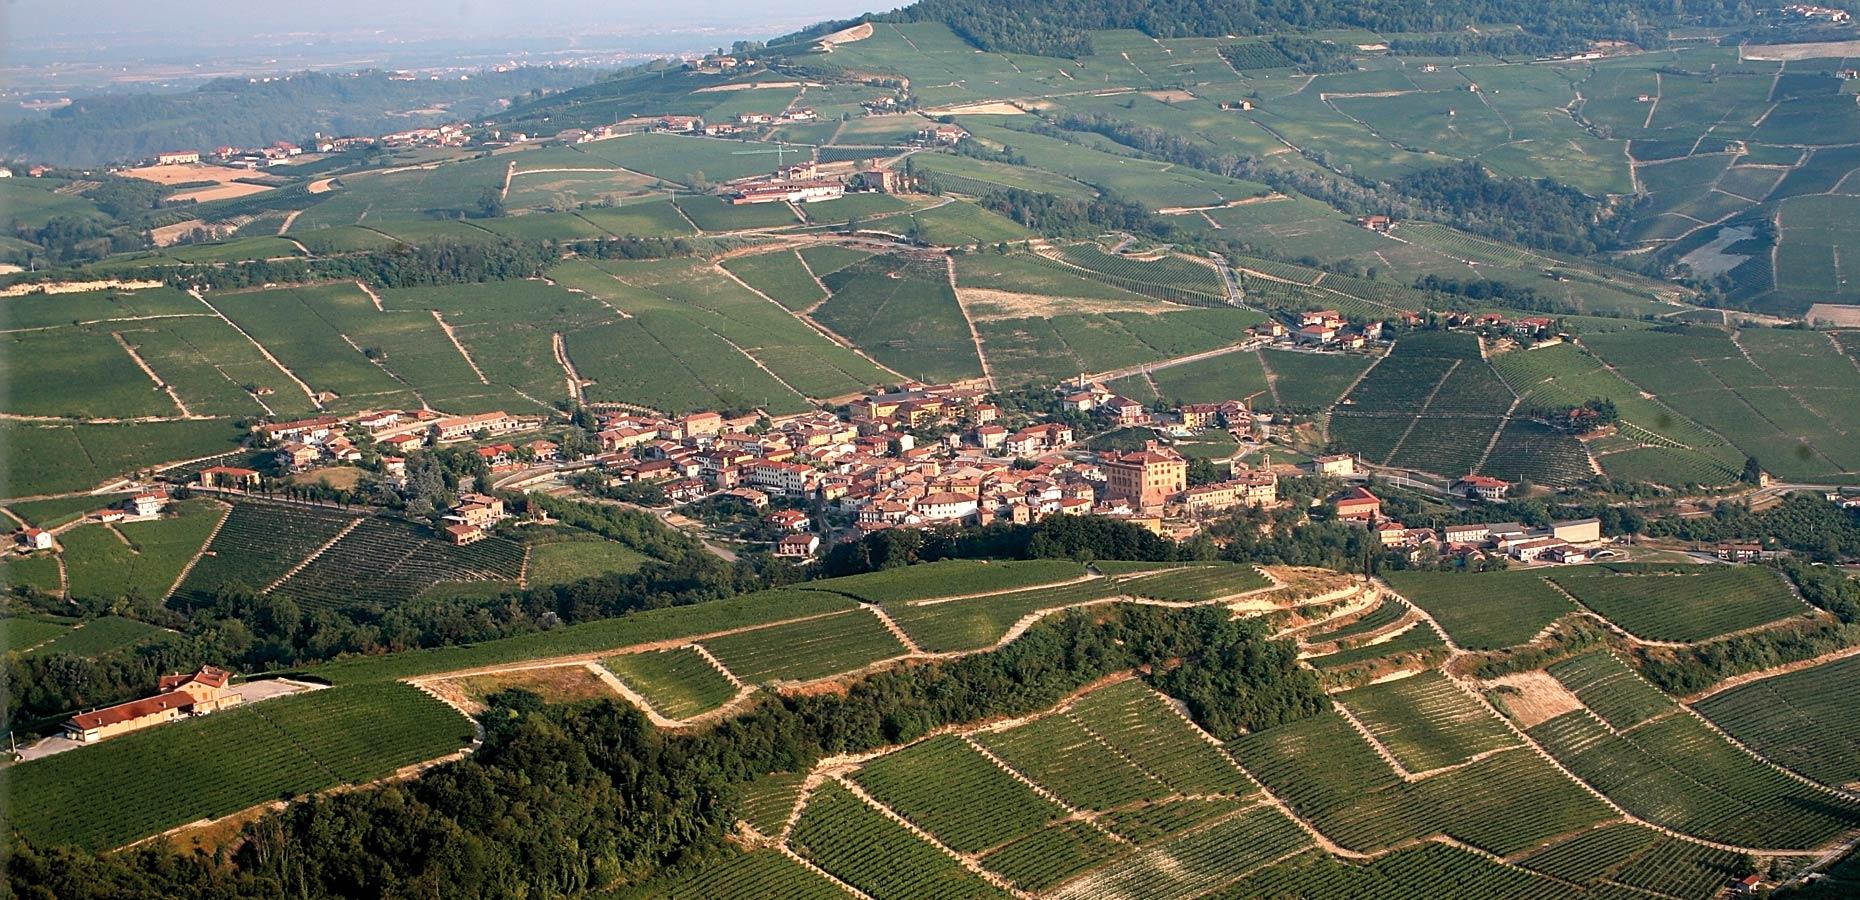 Gradara vince il borgo dei borghi 2018 in classifica - Piscine naturali piemonte ...